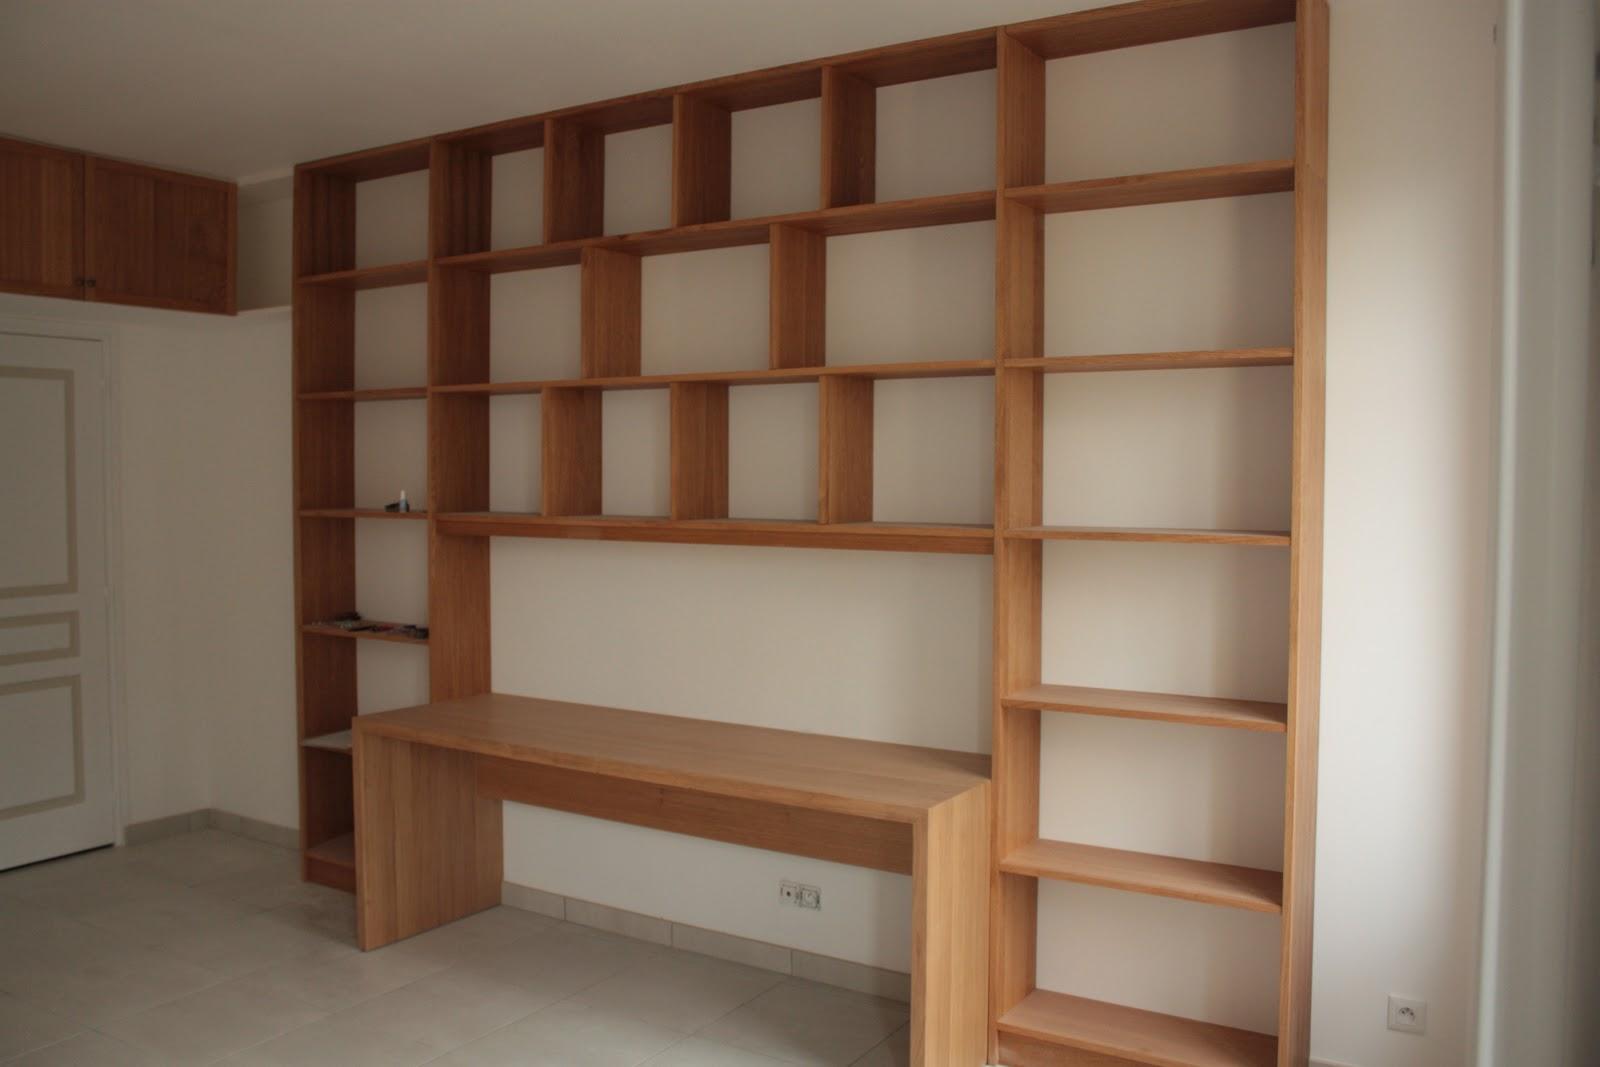 Racines meubles et agencements for Bureau bibliotheque